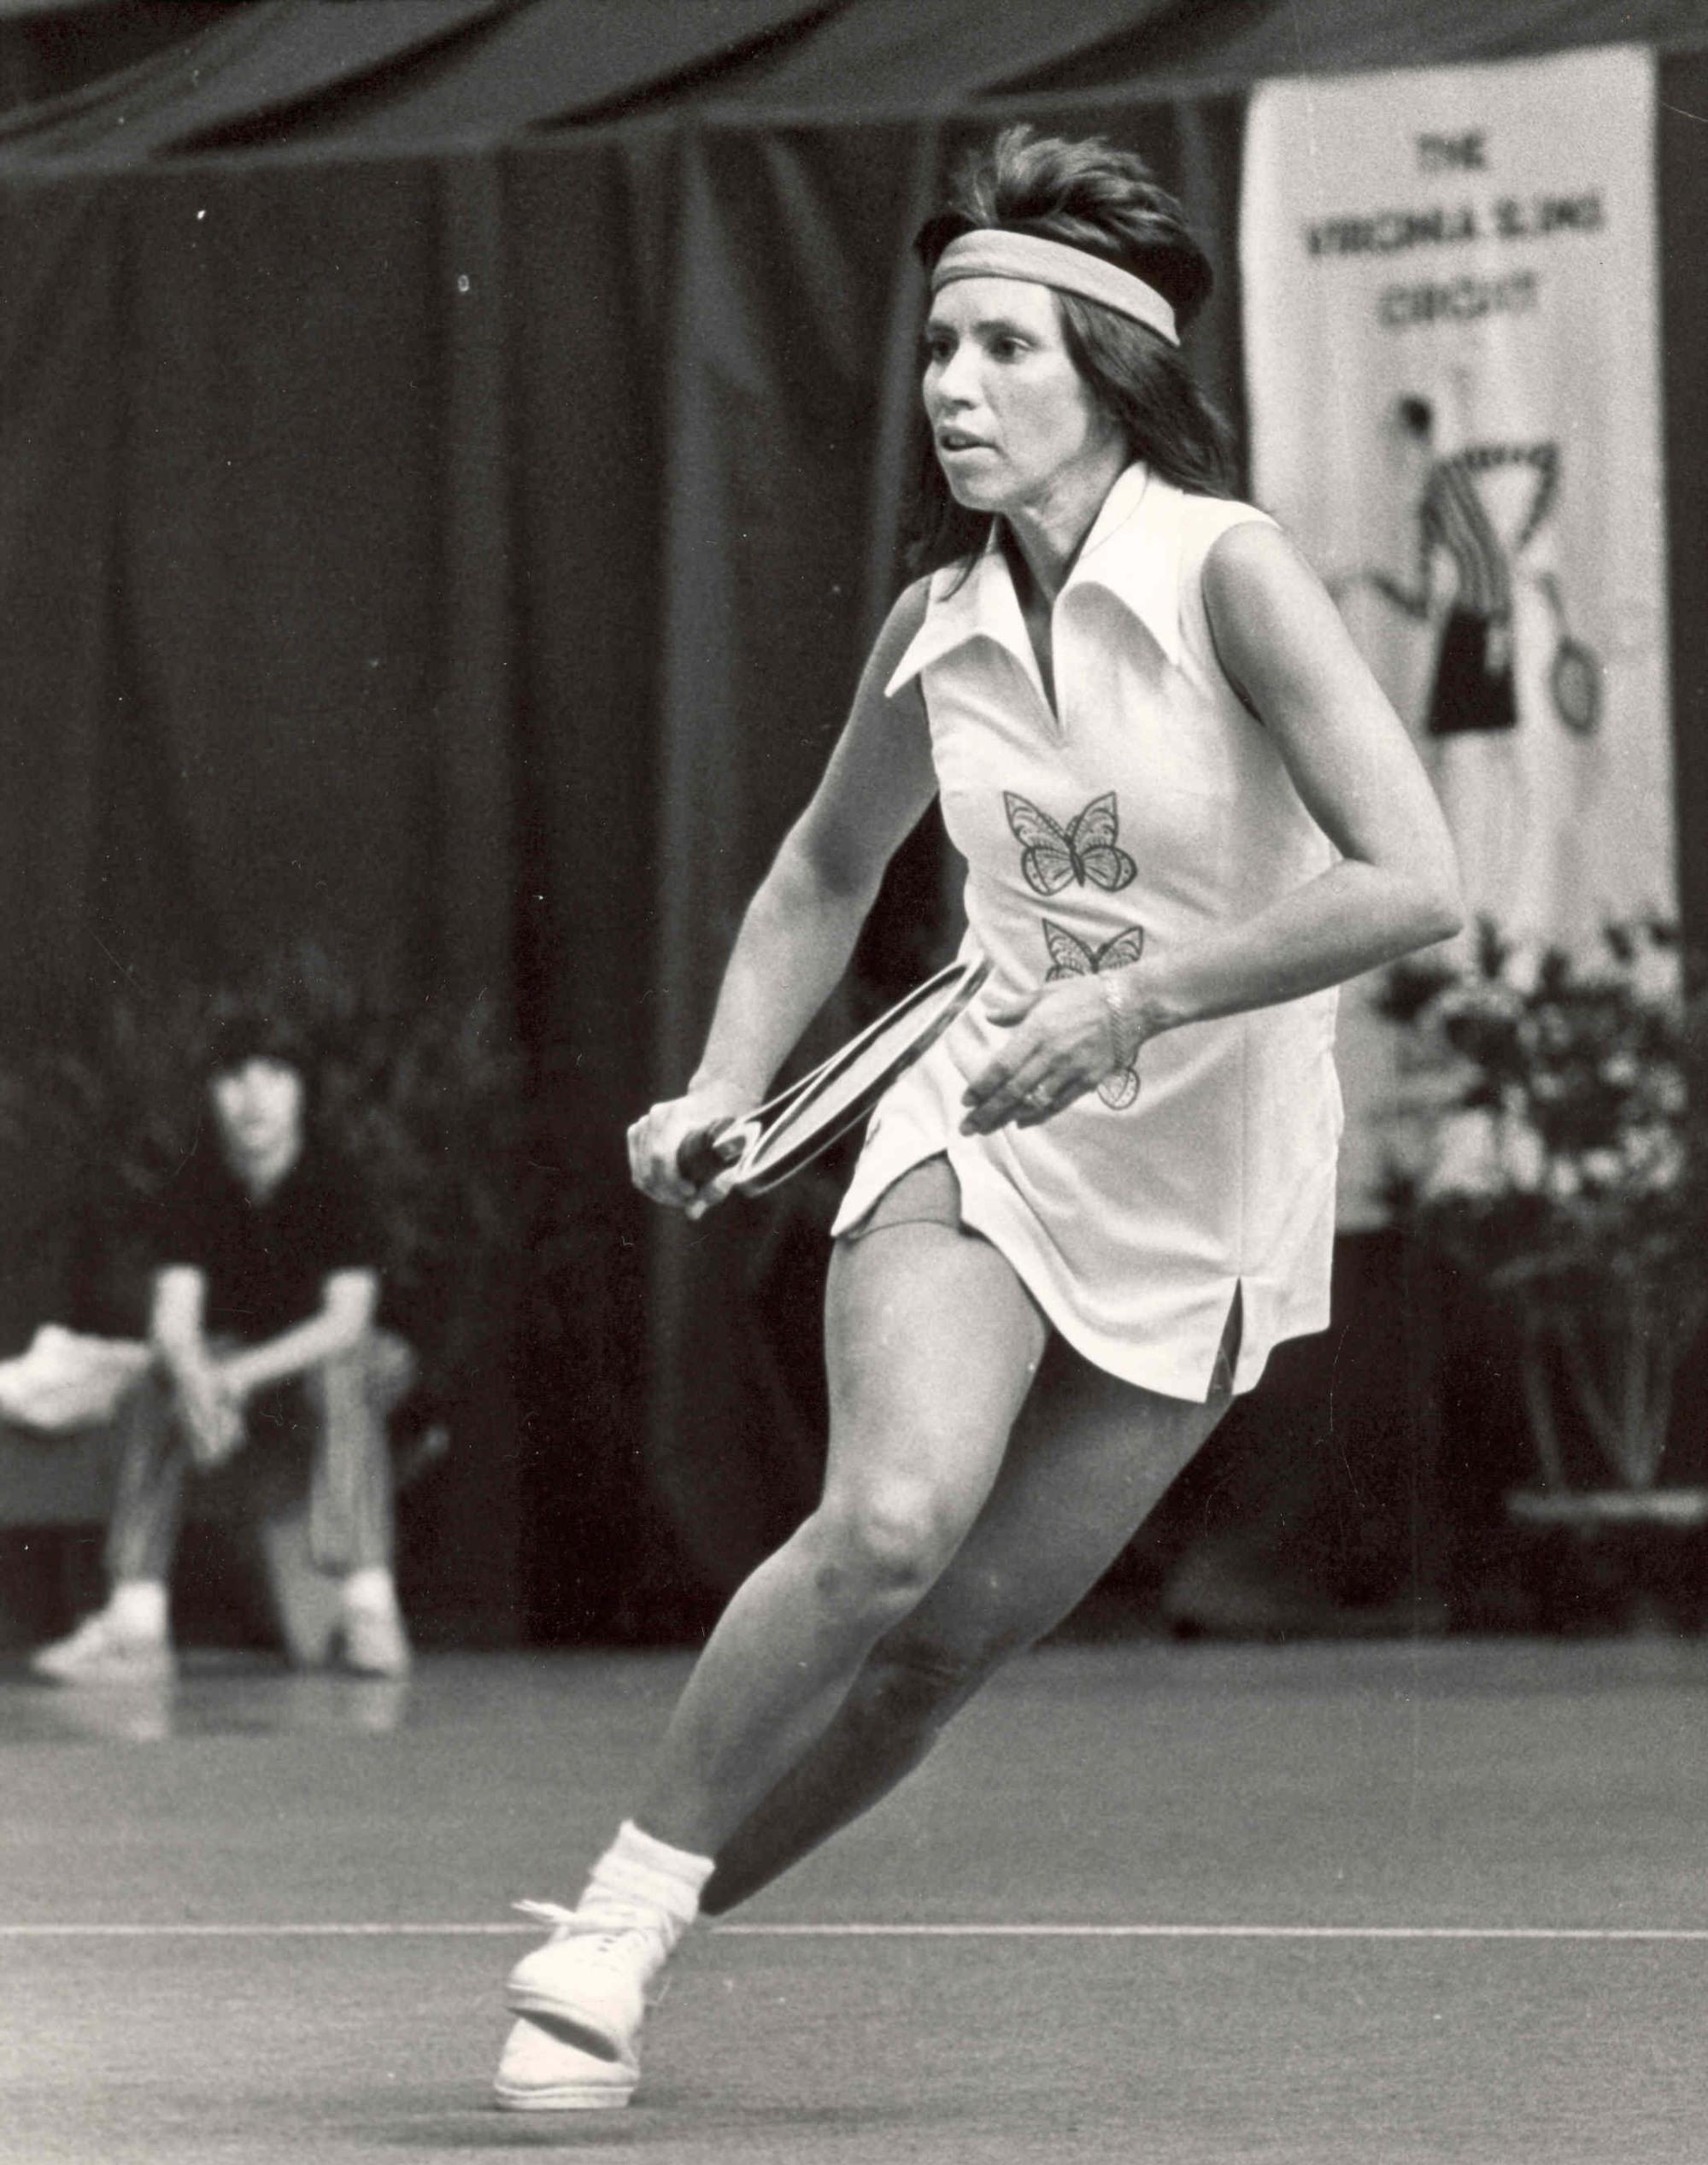 Rosie Casals won the 1970 Virginia Slims of Houston